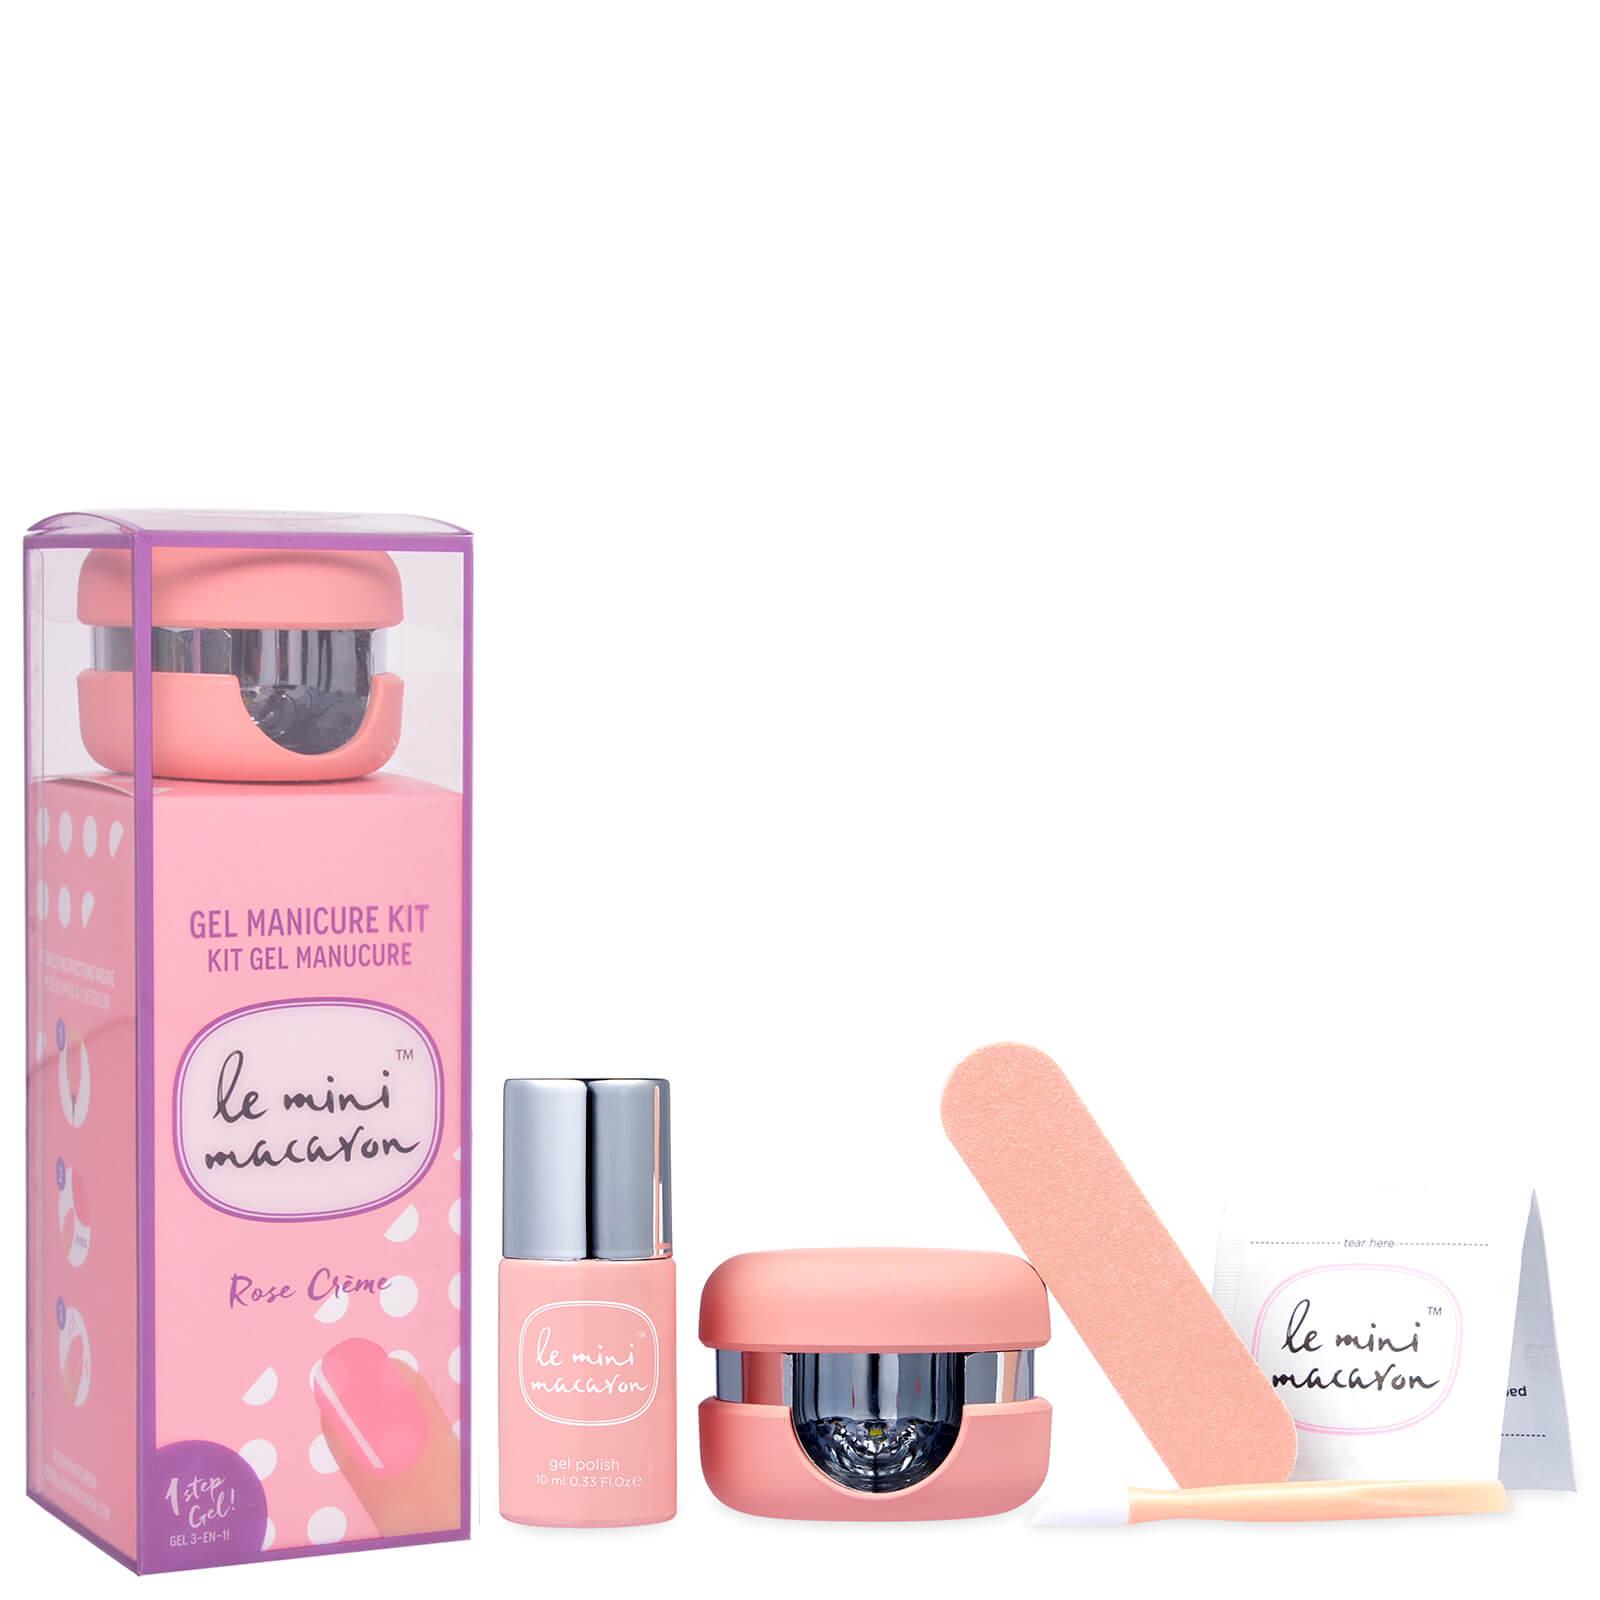 e Mini Macaron Gel Manicure Kit - Rose Crème